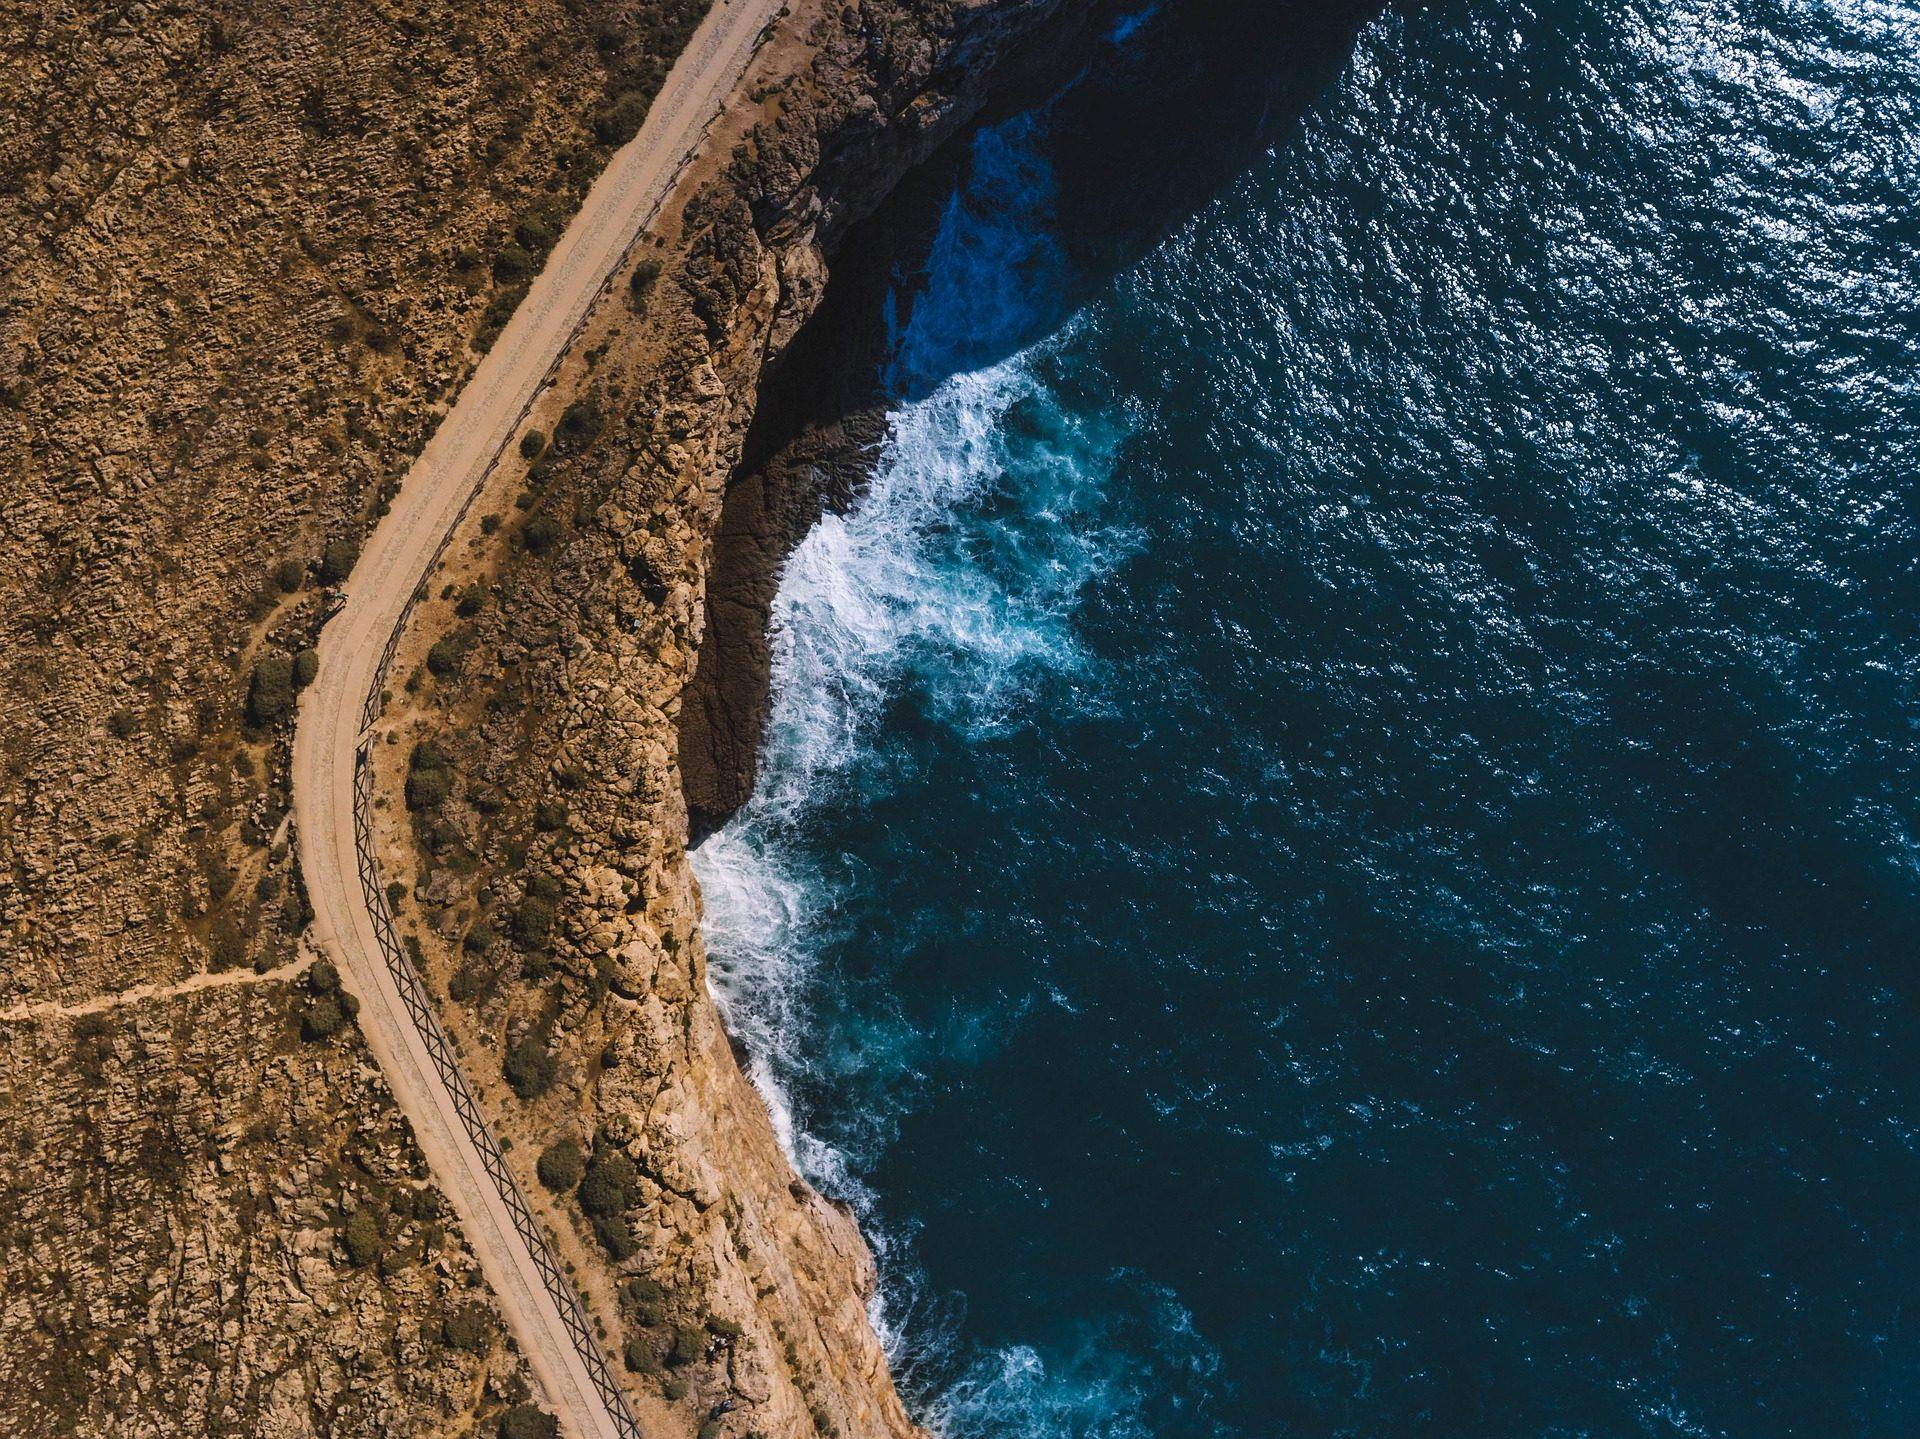 Mar, Oceano, Praia, Estrada, penhascos, Terra - Papéis de parede HD - Professor-falken.com